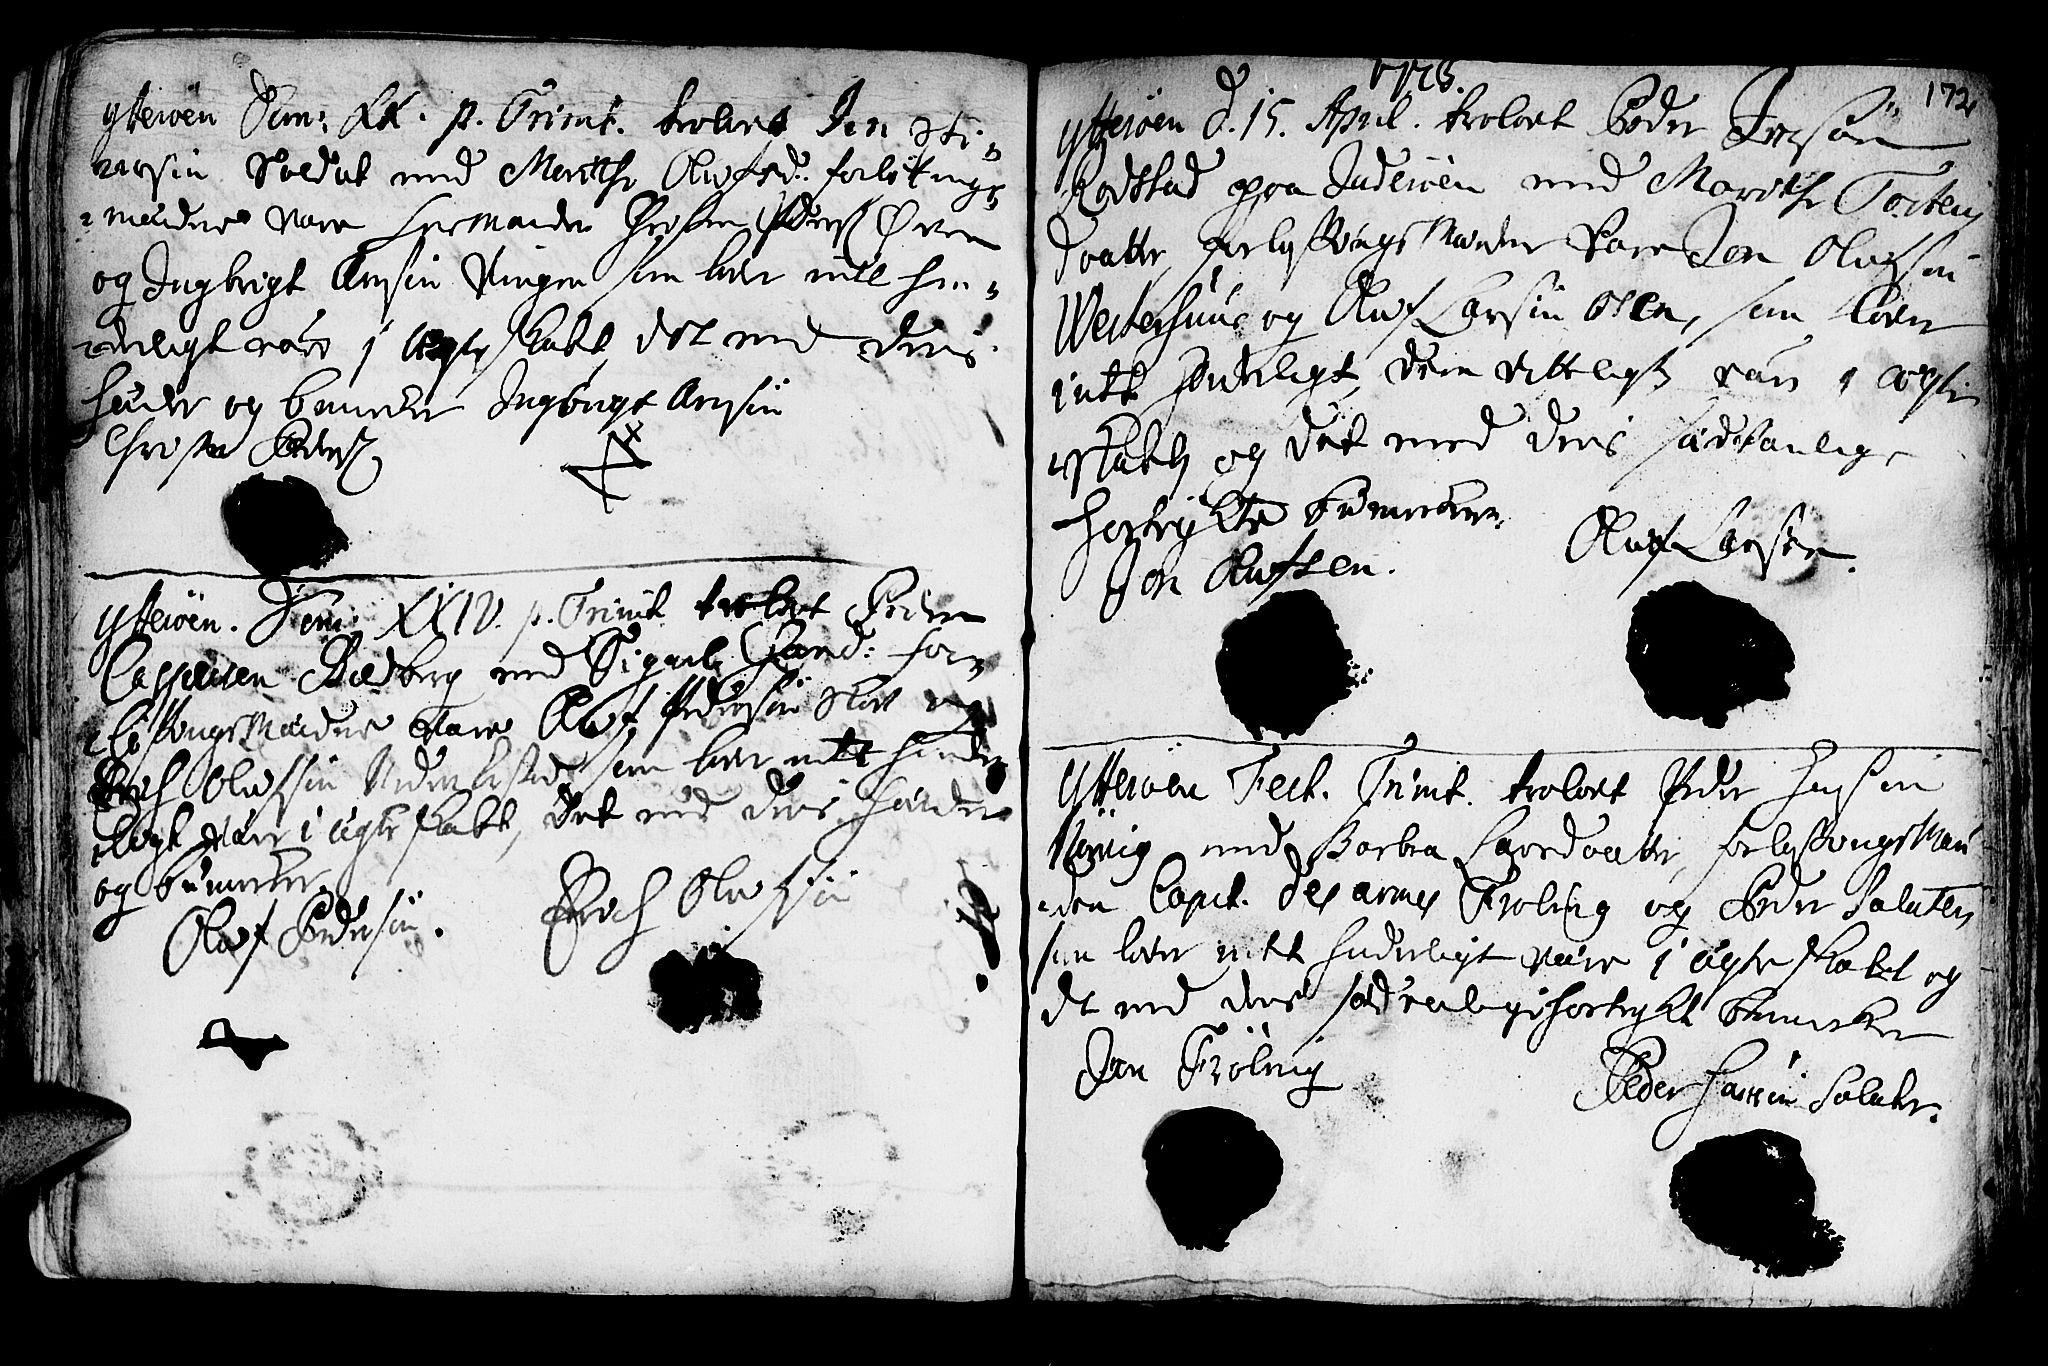 SAT, Ministerialprotokoller, klokkerbøker og fødselsregistre - Nord-Trøndelag, 722/L0215: Ministerialbok nr. 722A02, 1718-1755, s. 172